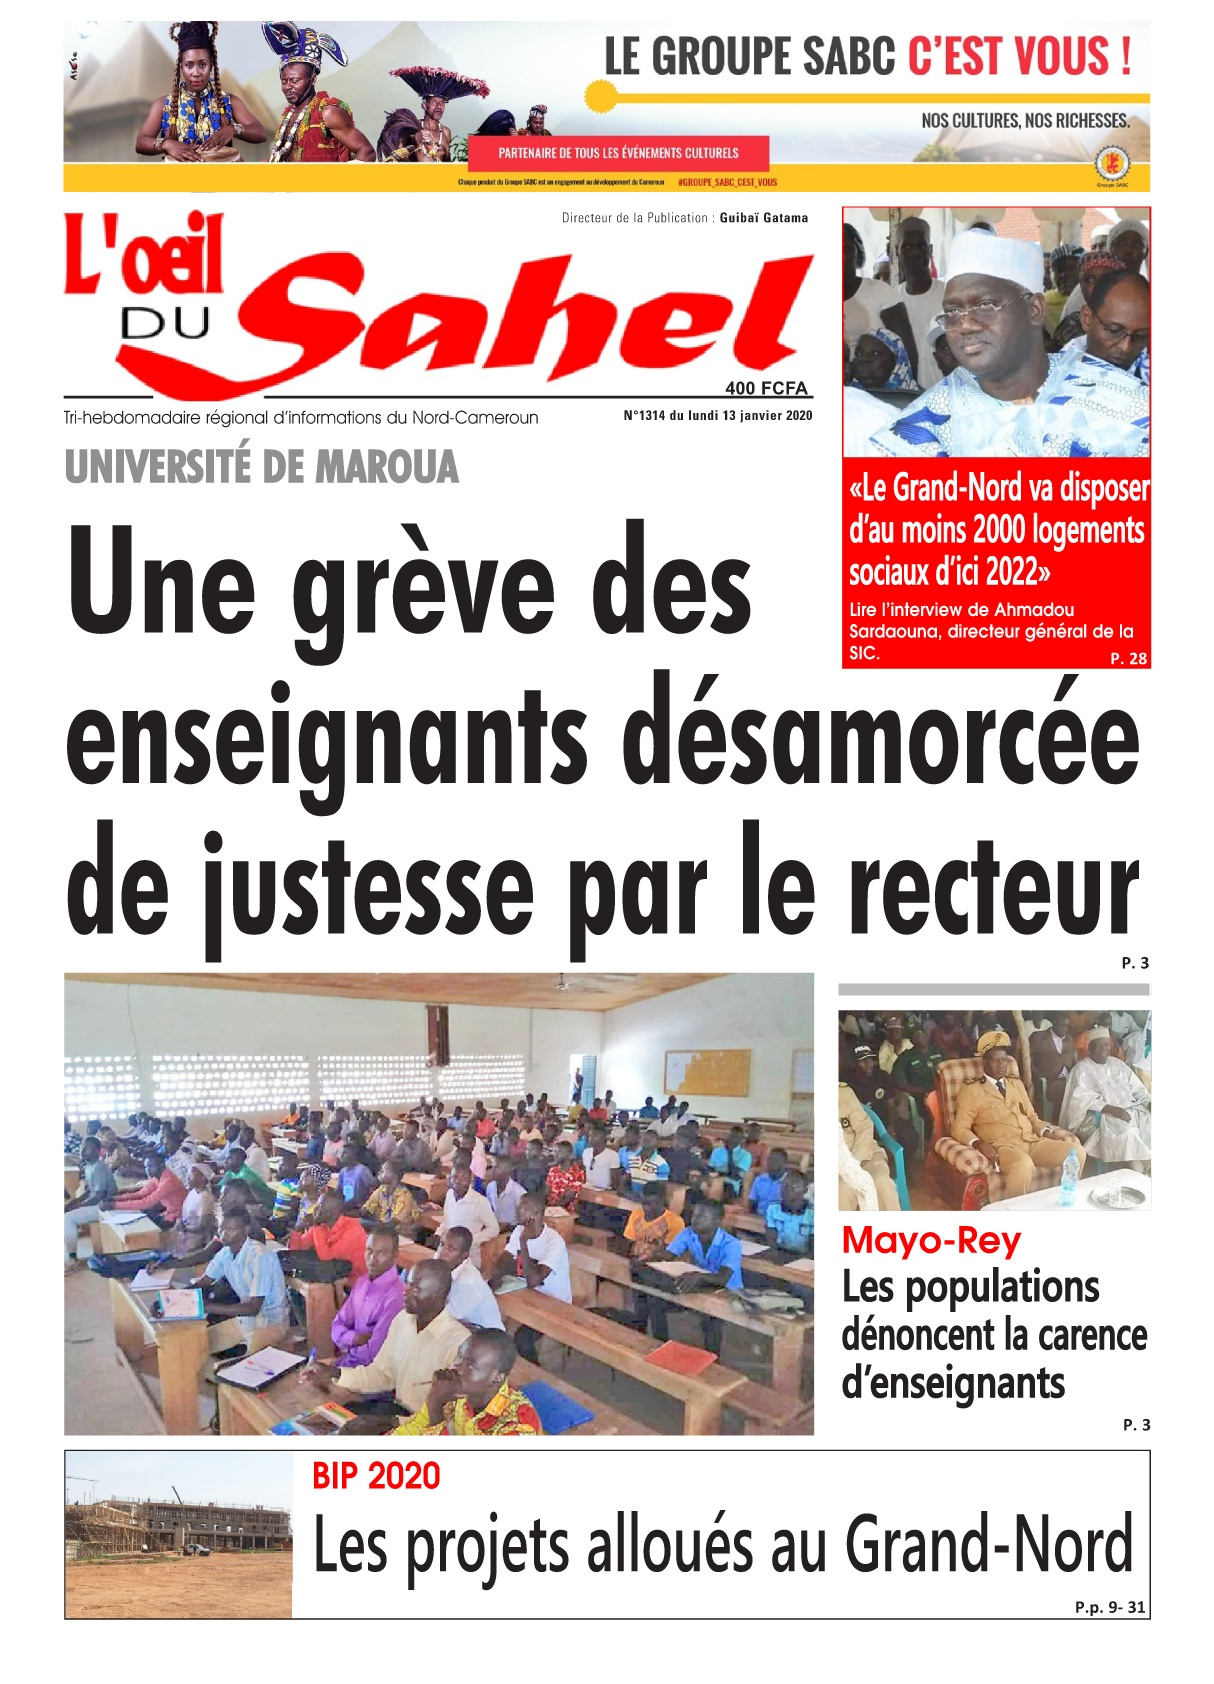 L'oeil du Sahel - 13/01/2020